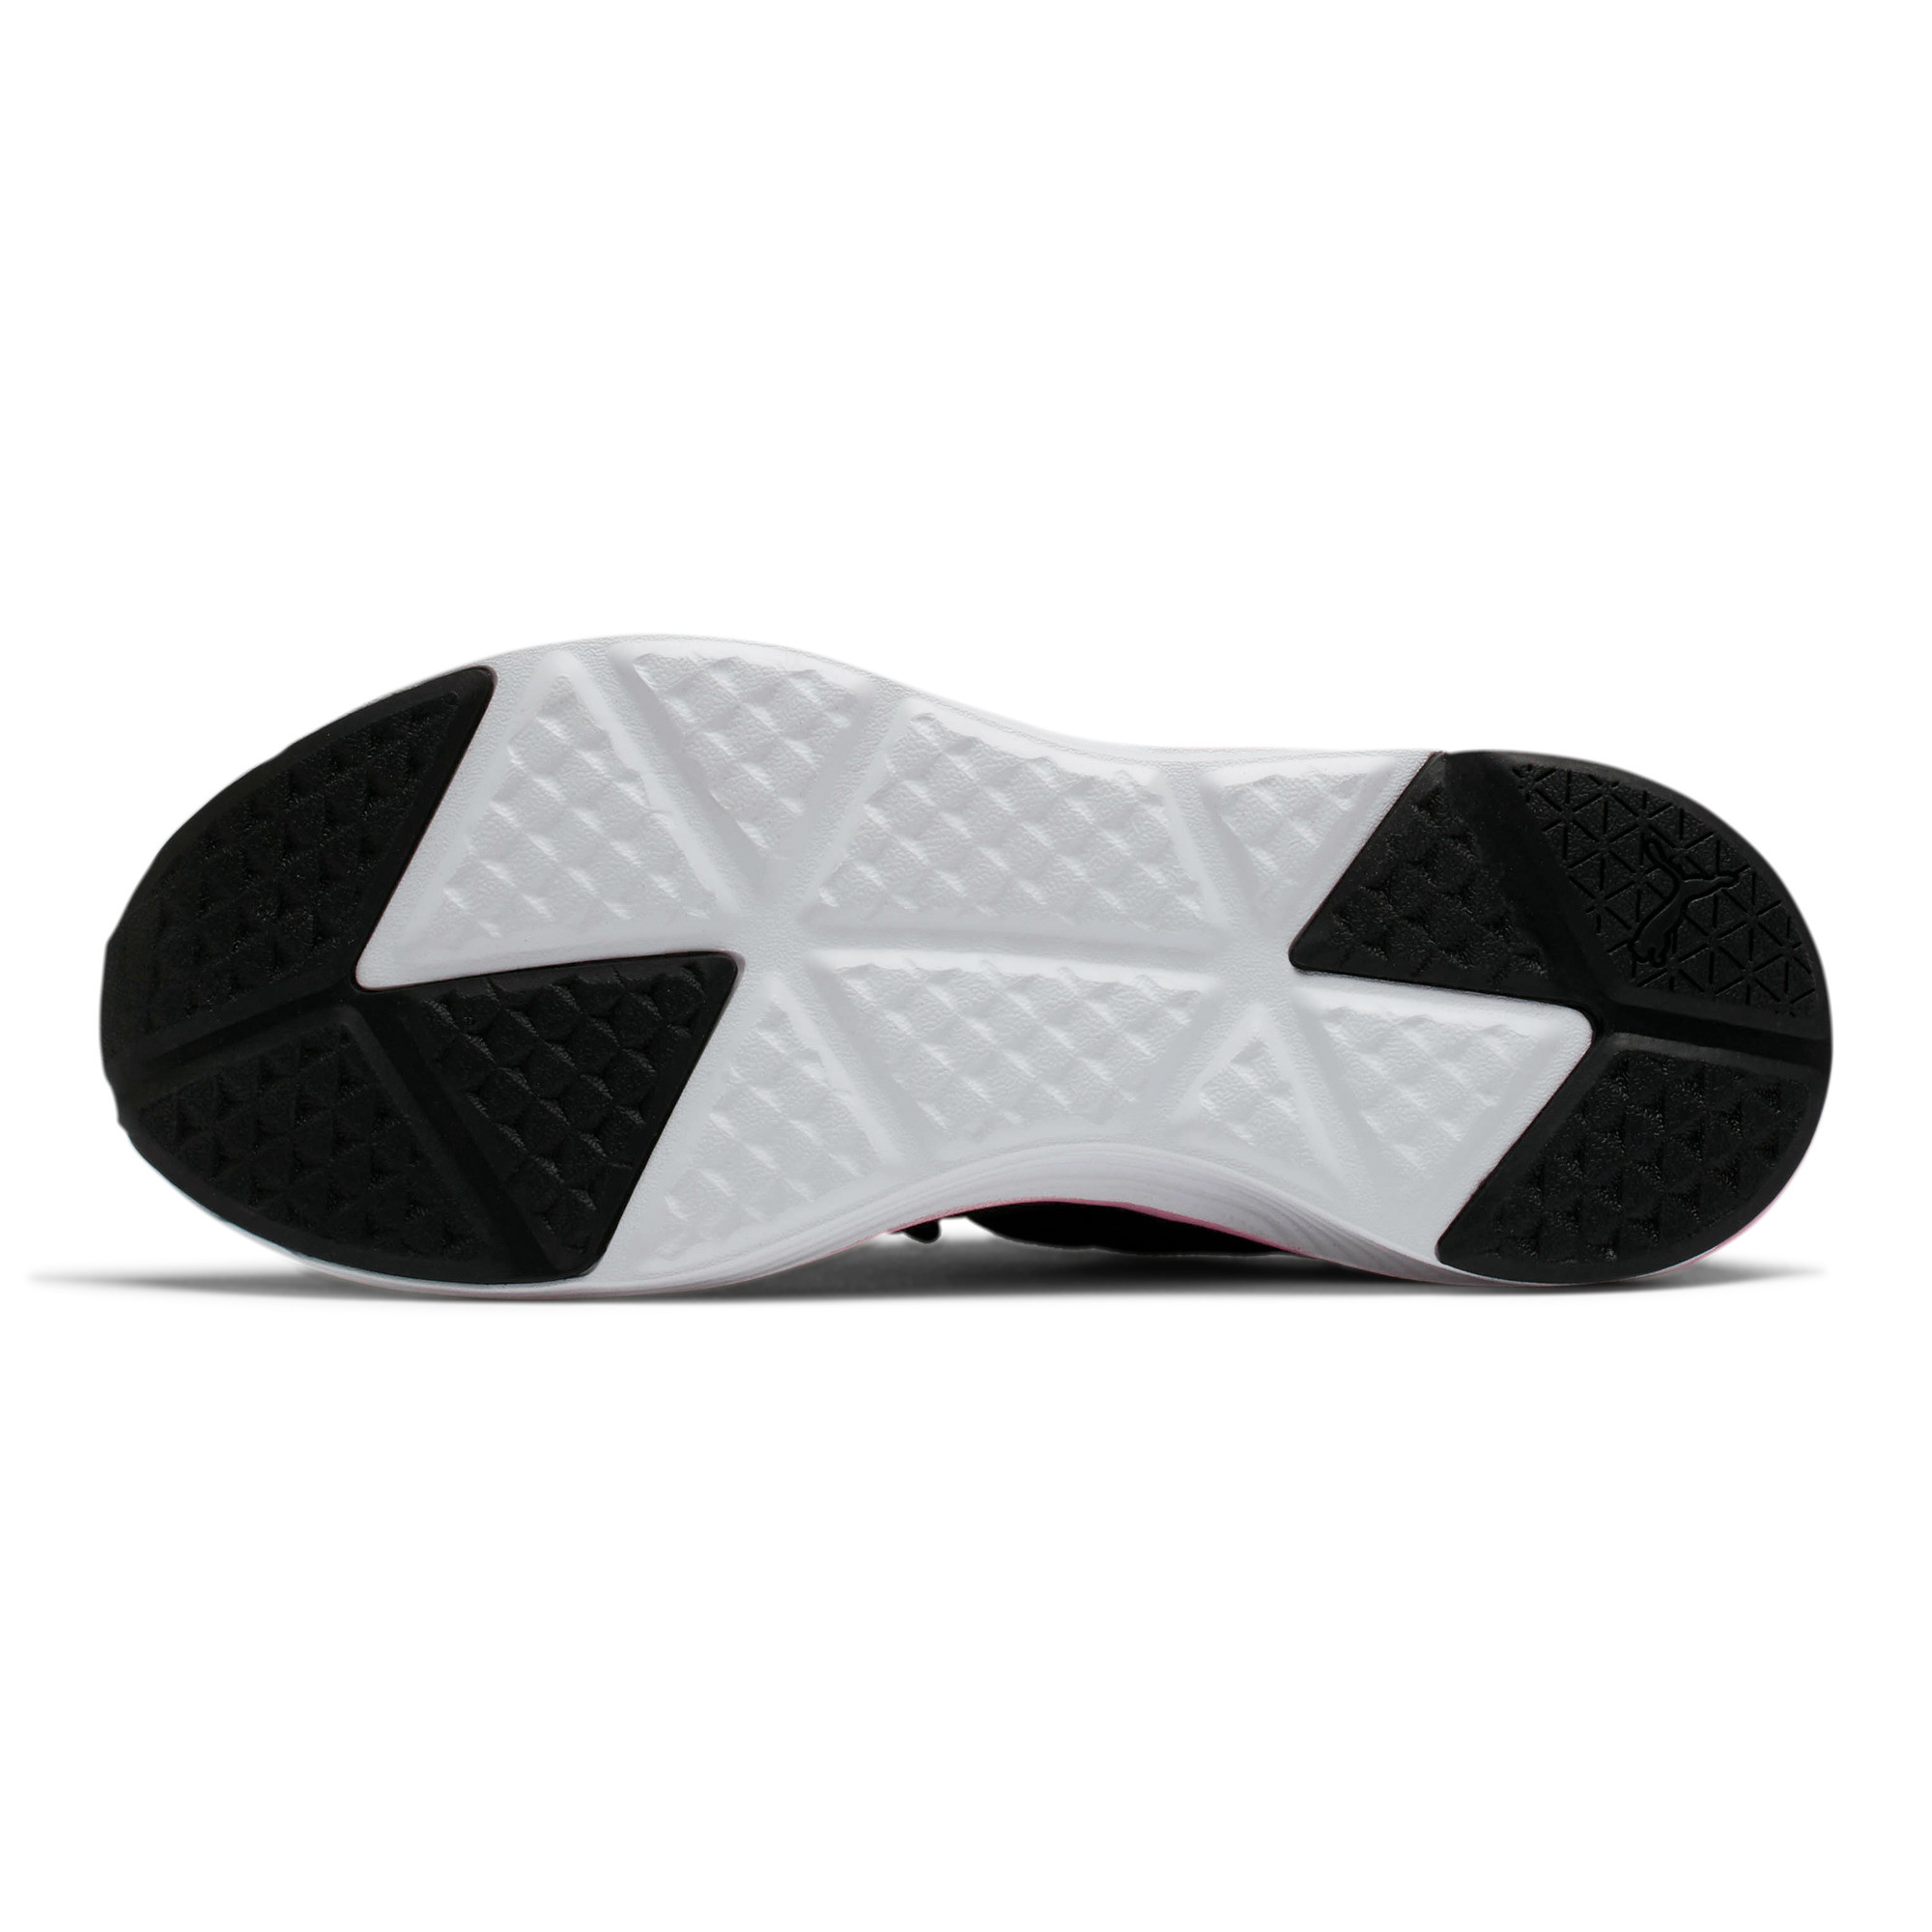 PUMA-Prowl-Alt-Fade-Women-s-Training-Shoes-Women-Shoe-Training thumbnail 15